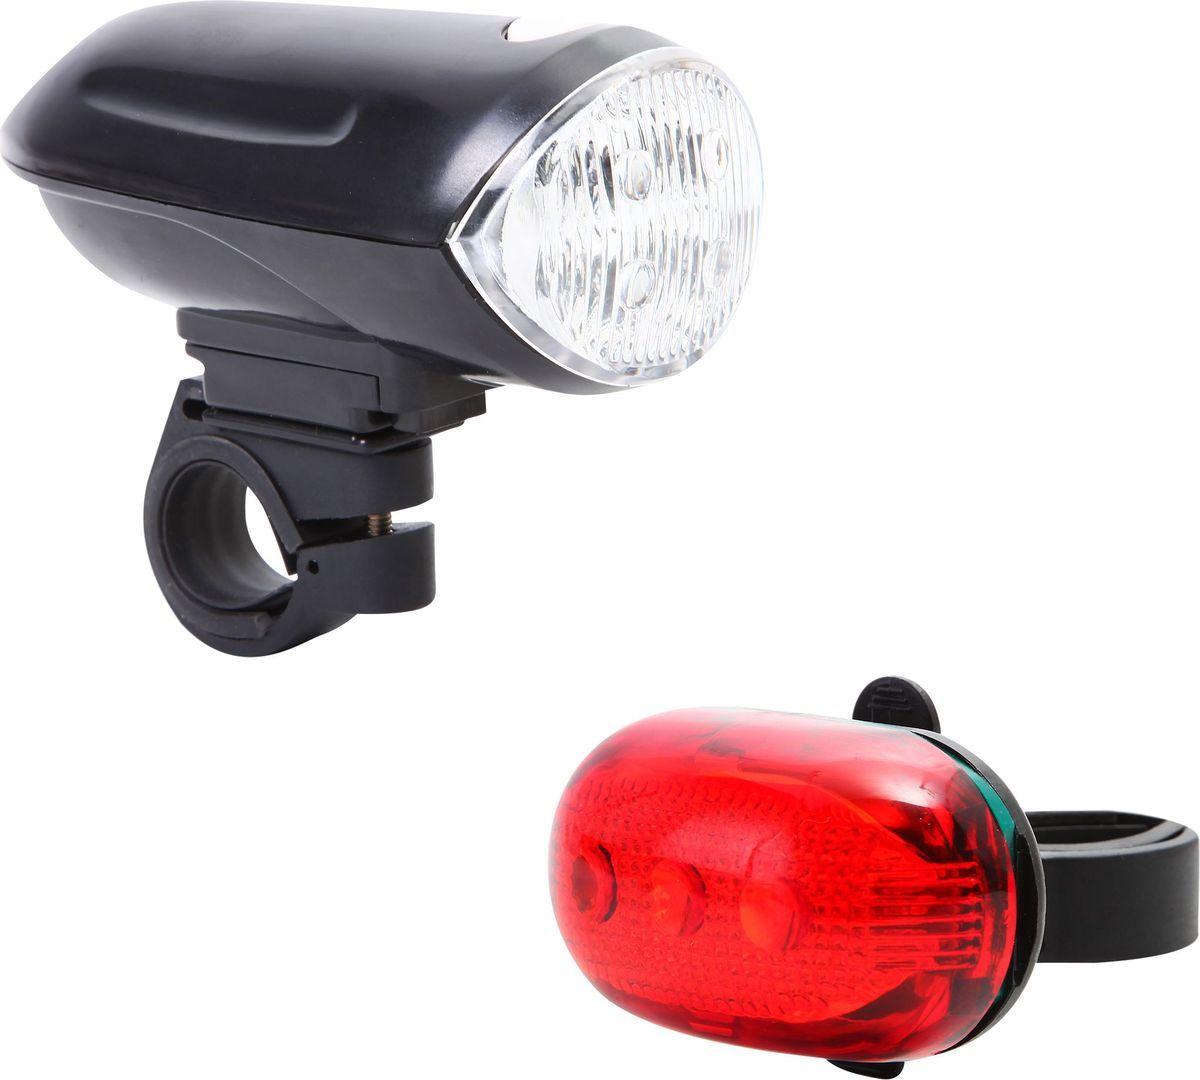 Набор велосипедных фонарей STG JY-808-11. JY-289Т, пердний, задний7292Передний велосипедный передний фонарь позволит кататься на велосипеде в любое время суток, а задний фонарь позволит другим участникам движения увидеть вас при любой освещенности. Вес: 177гр, кол-во функций: 3 функции, комплектация: без батареек, типа батареек: АА - 4шт., материал: пластик.